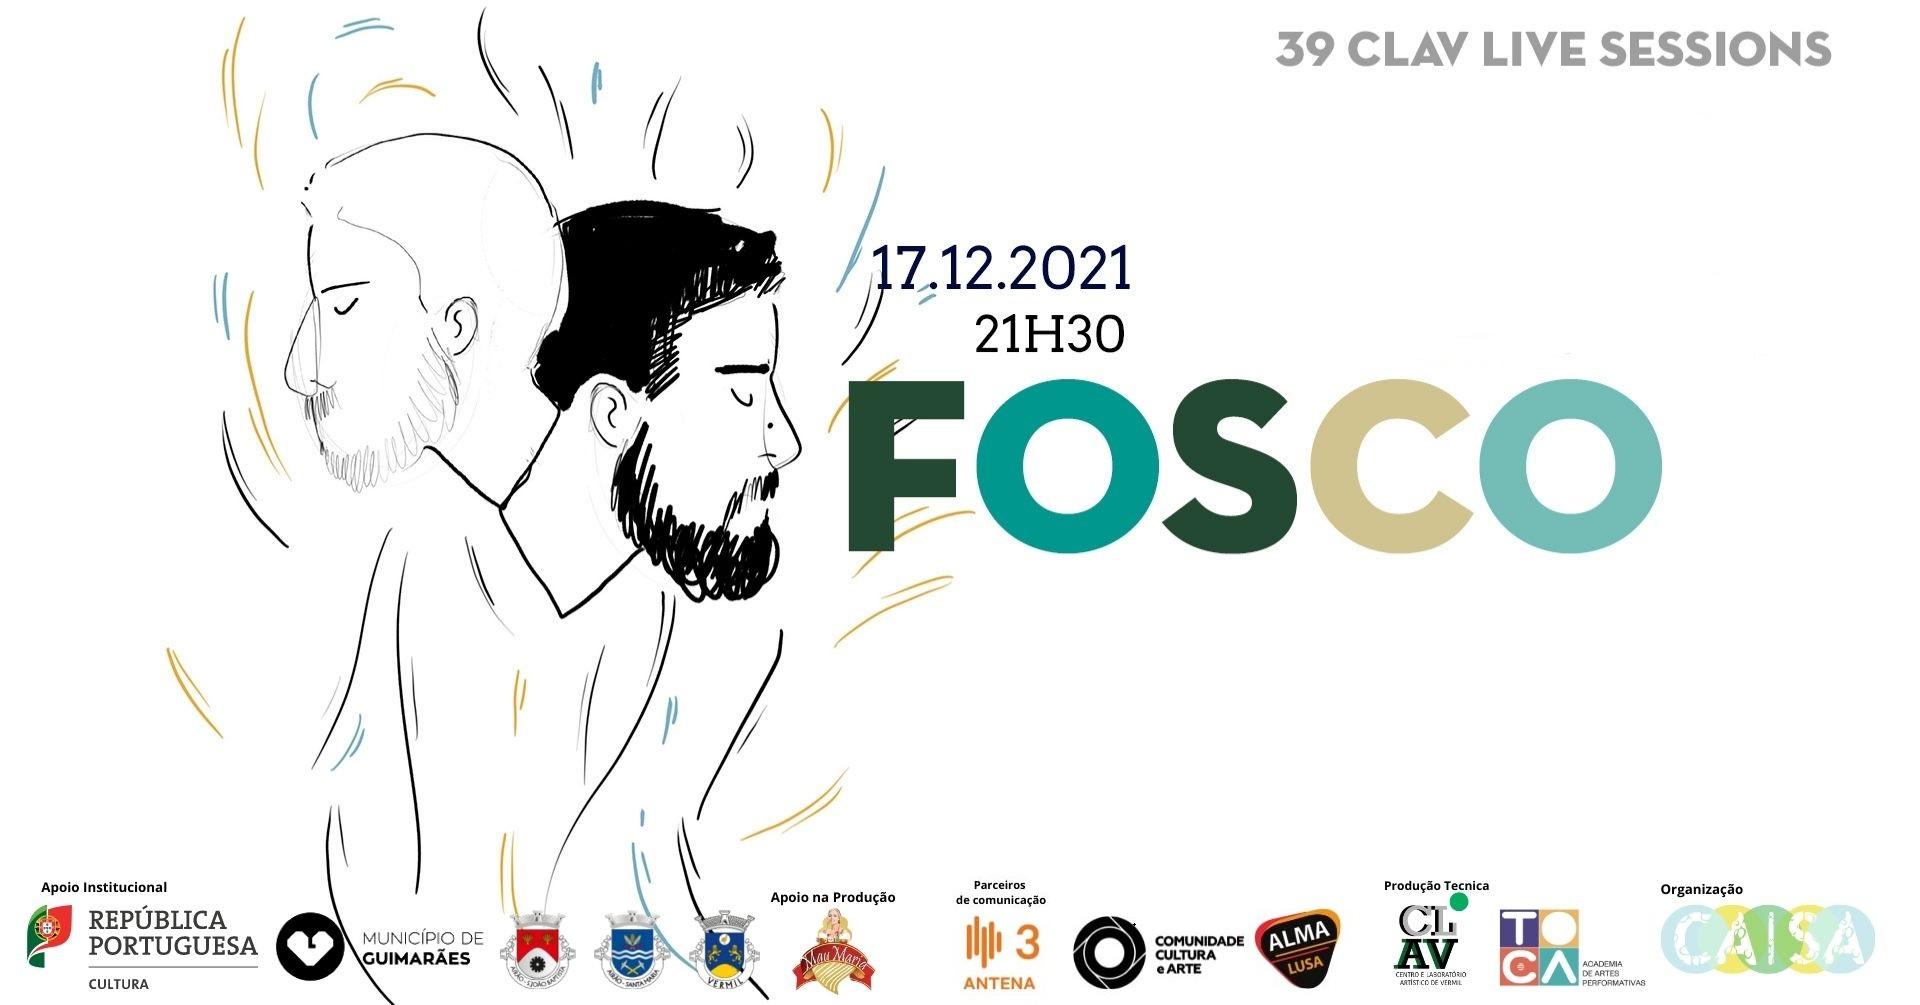 39ª CLAV Live Session // Fosco